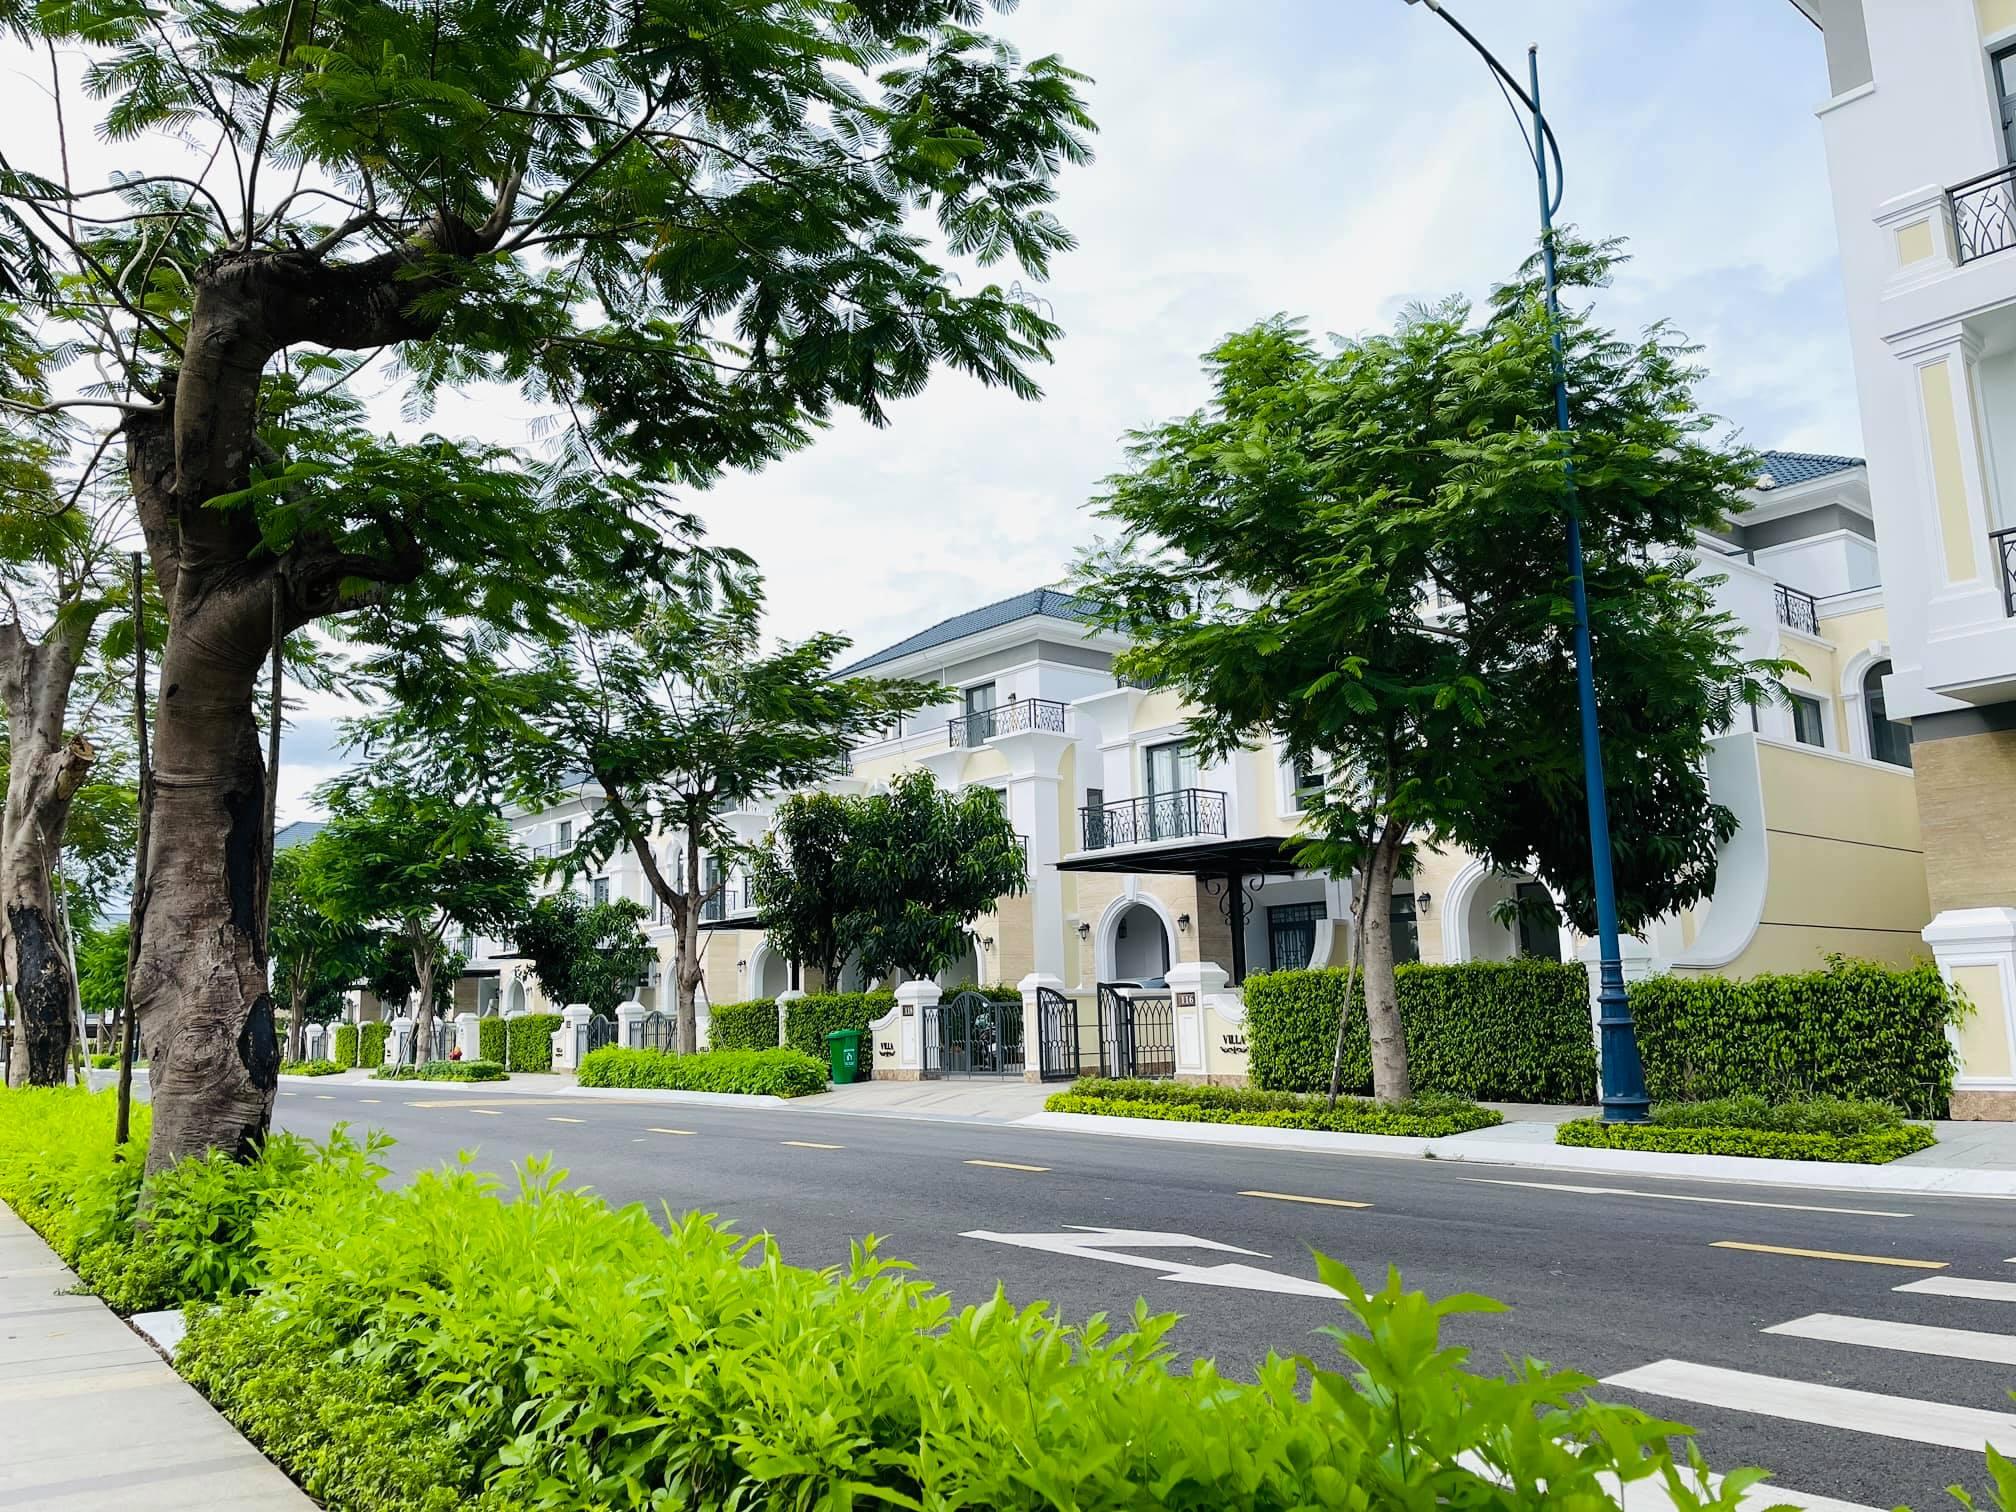 Hình ảnh thực thế dự án Verosa Park Khang Điền Thành Phố Thủ Đức - Khang Điền HCM